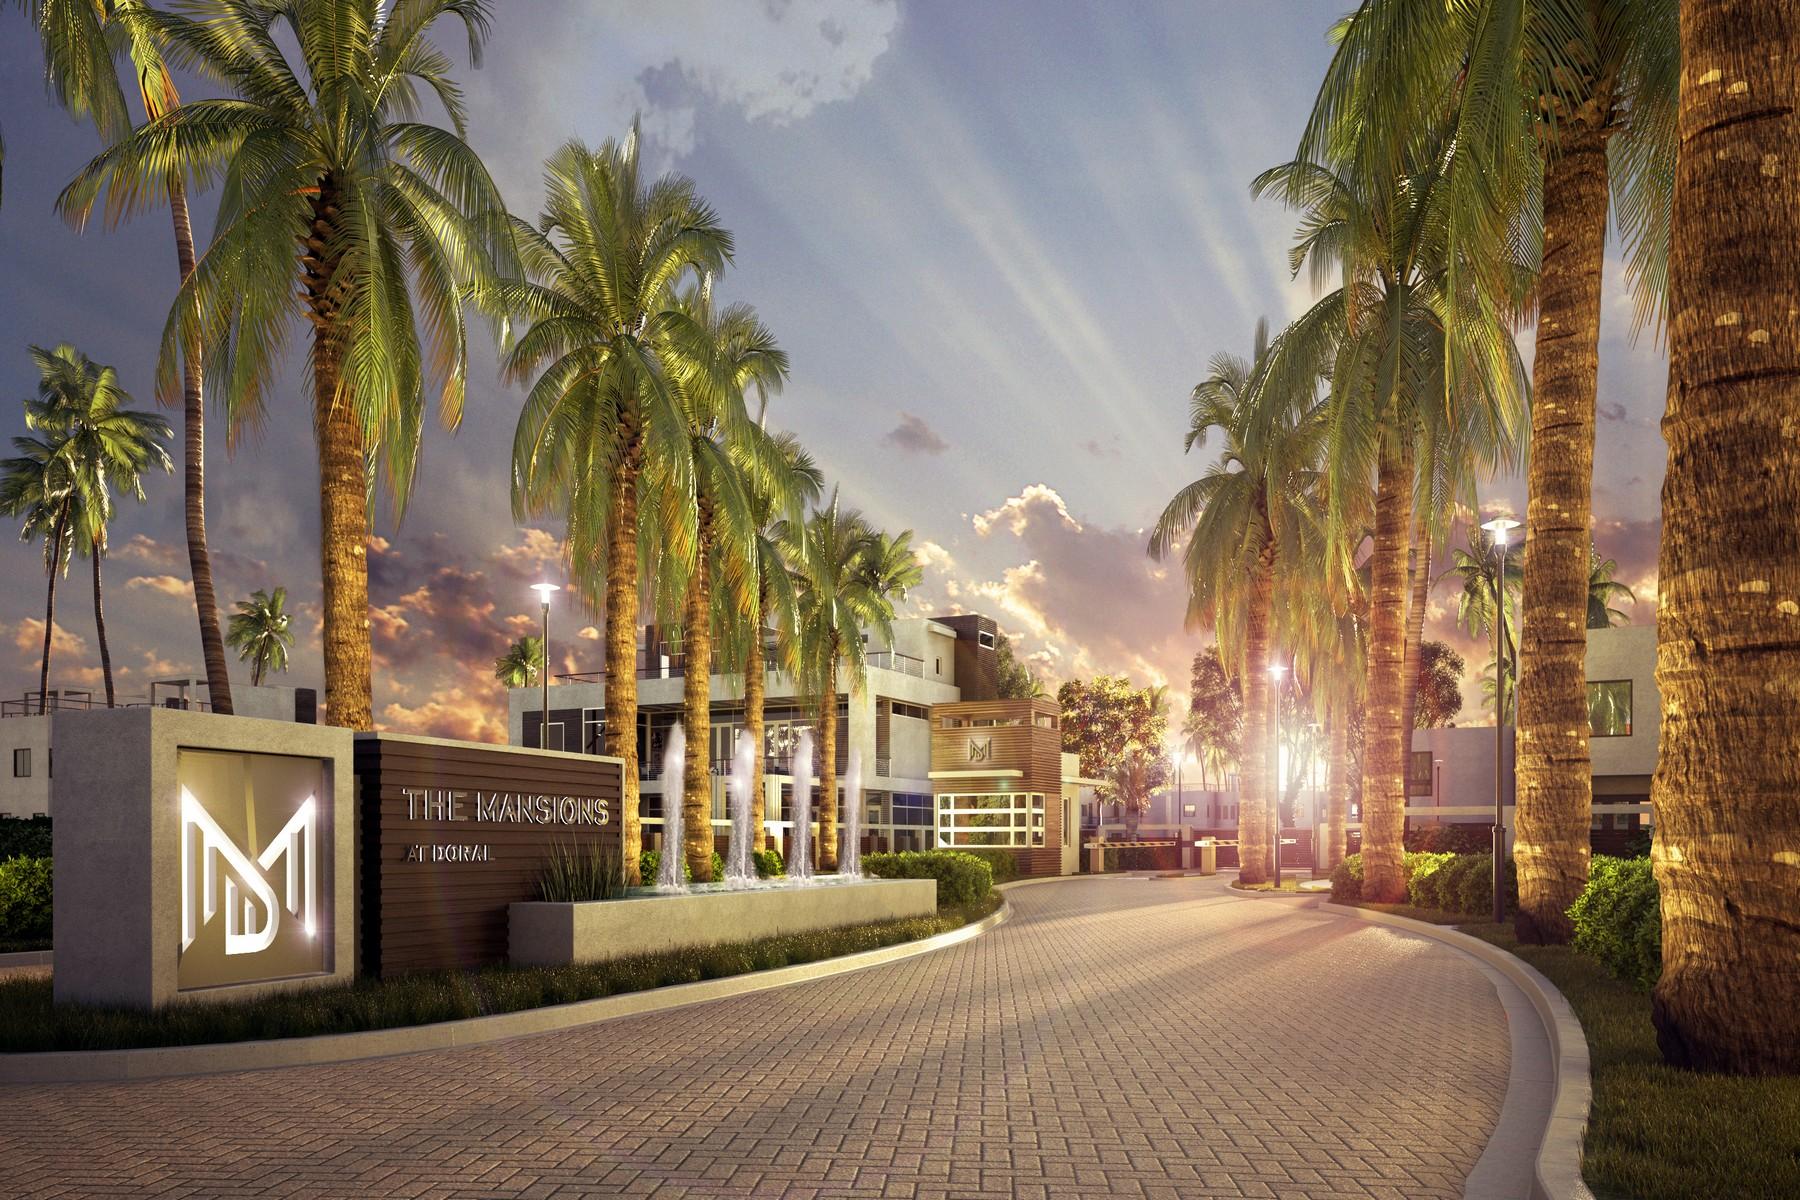 Casa Unifamiliar por un Venta en The Mansions at Doral 6805 Nw 107 Ave Doral, Florida 33178 Estados Unidos